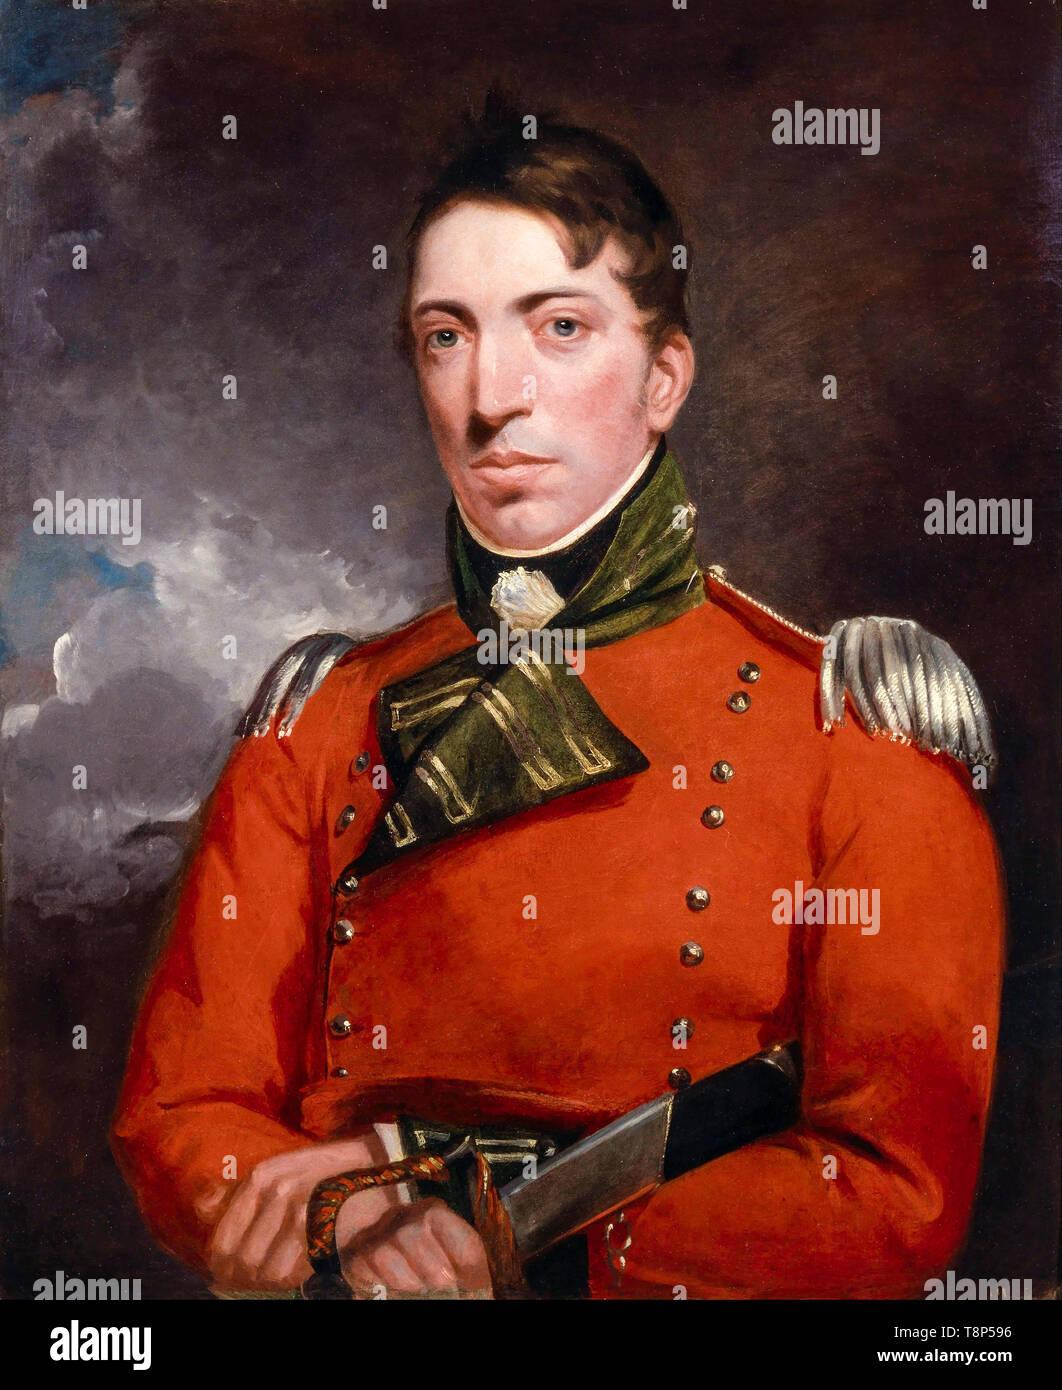 John Constable Portrait Stock Photos & John Constable Portrait Stock